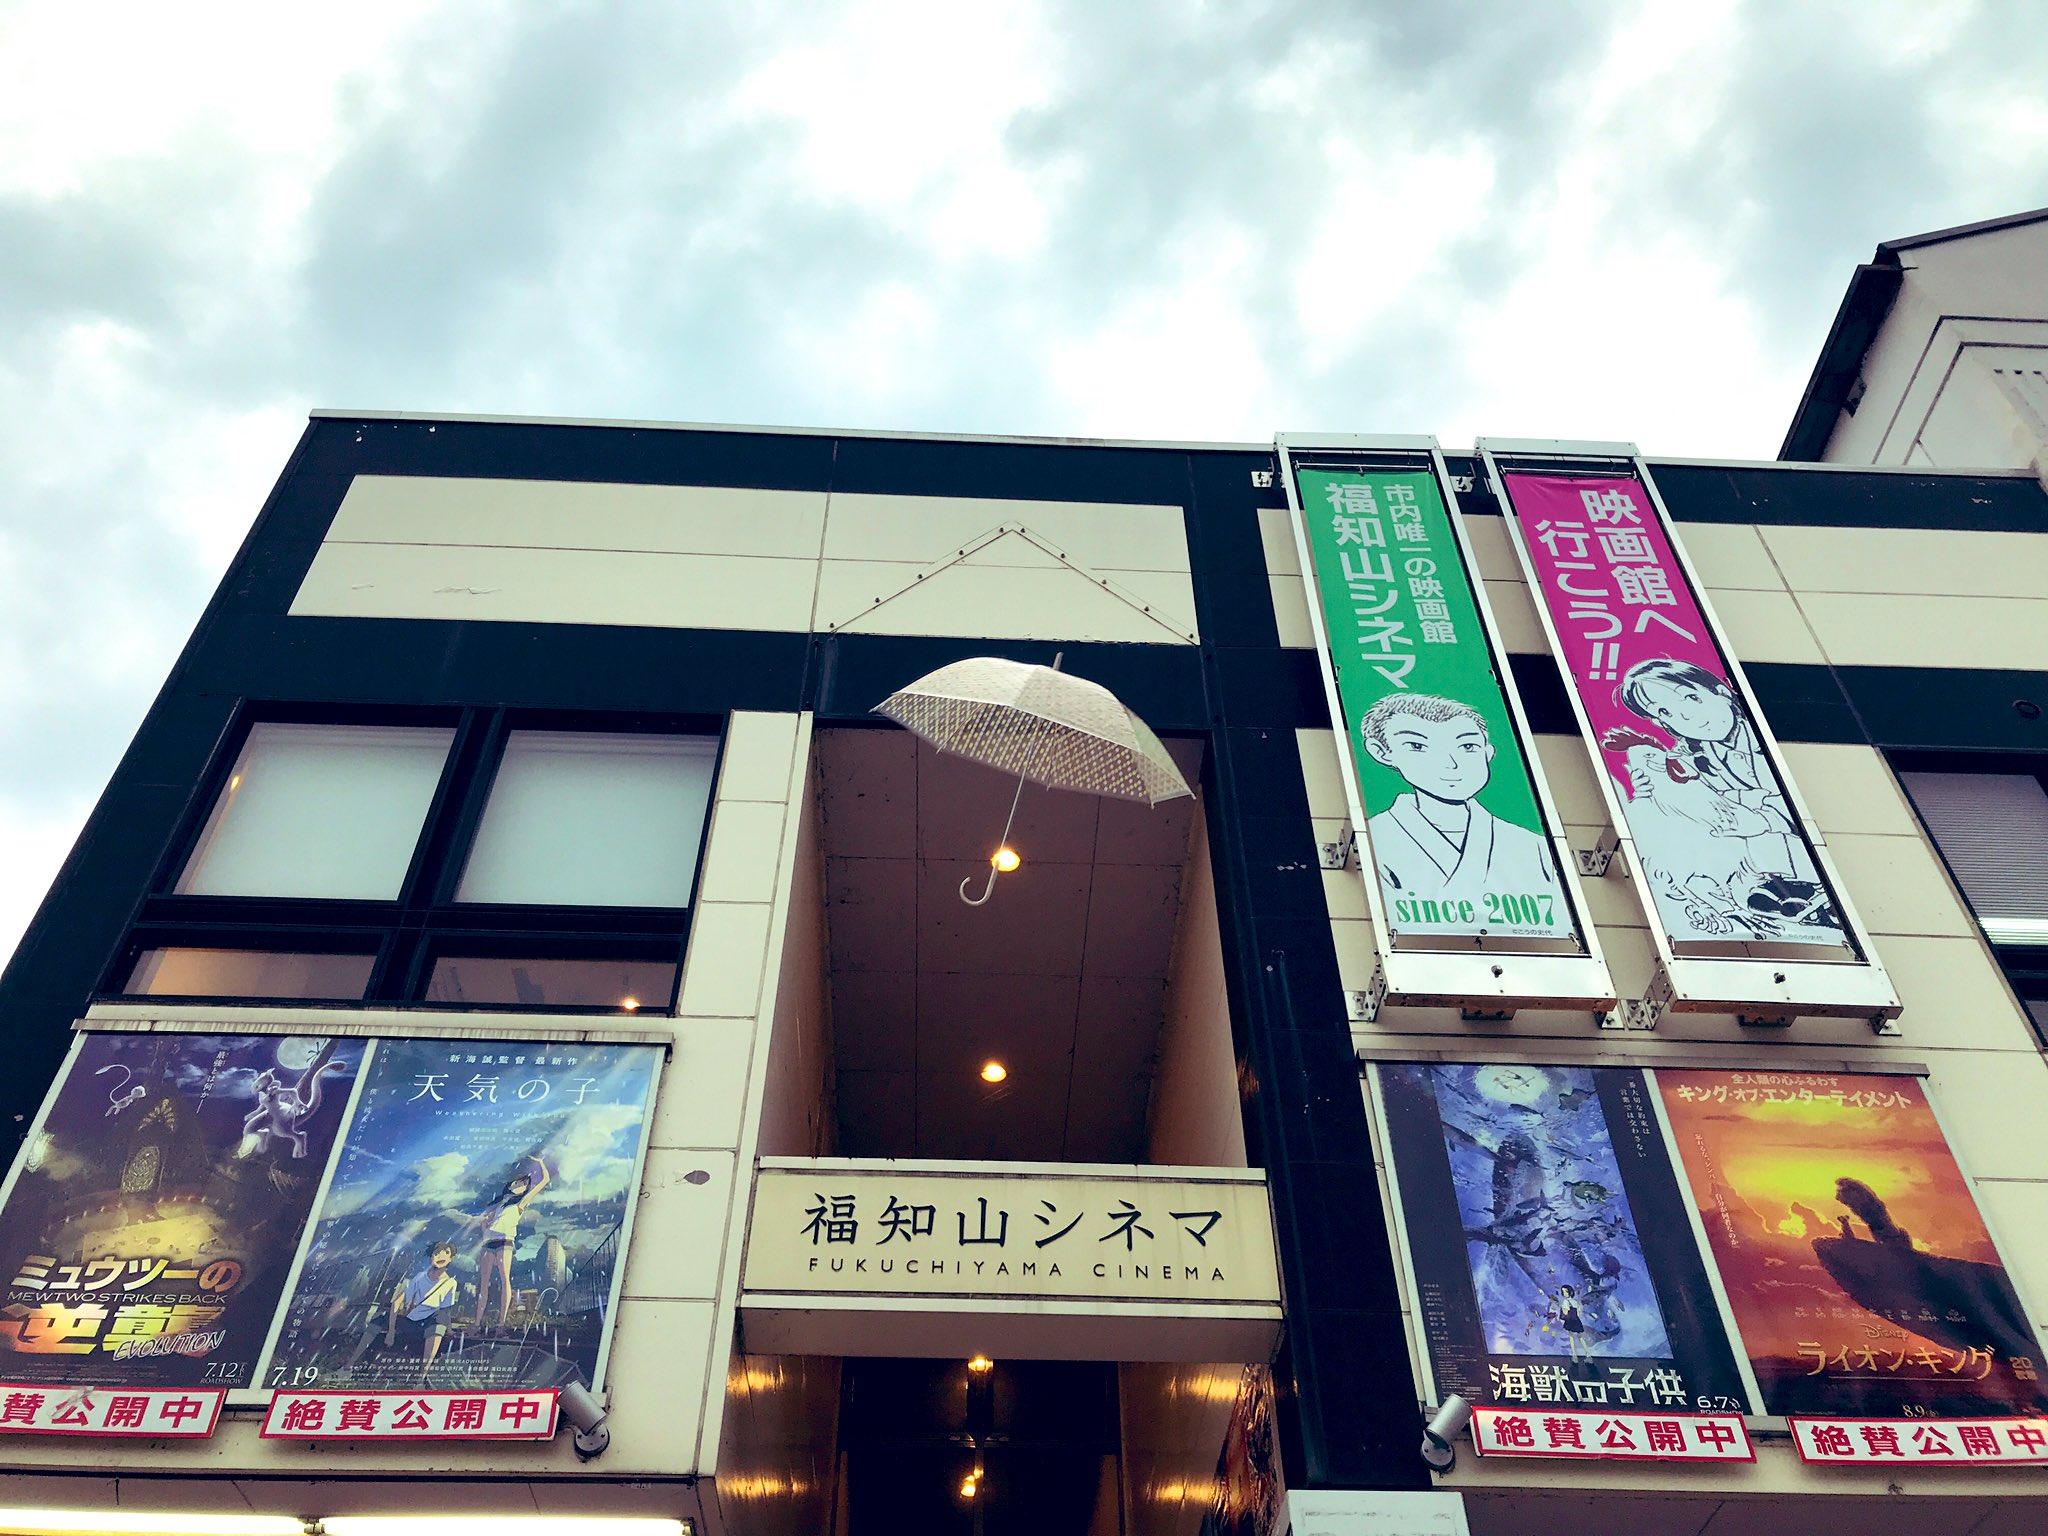 誕生日おめでとう 傘が飛びました 福知山シネマ でも絶賛上映中 Fukuchiyama Cinema Com Schedule 2019 08 22 福知山シネマ